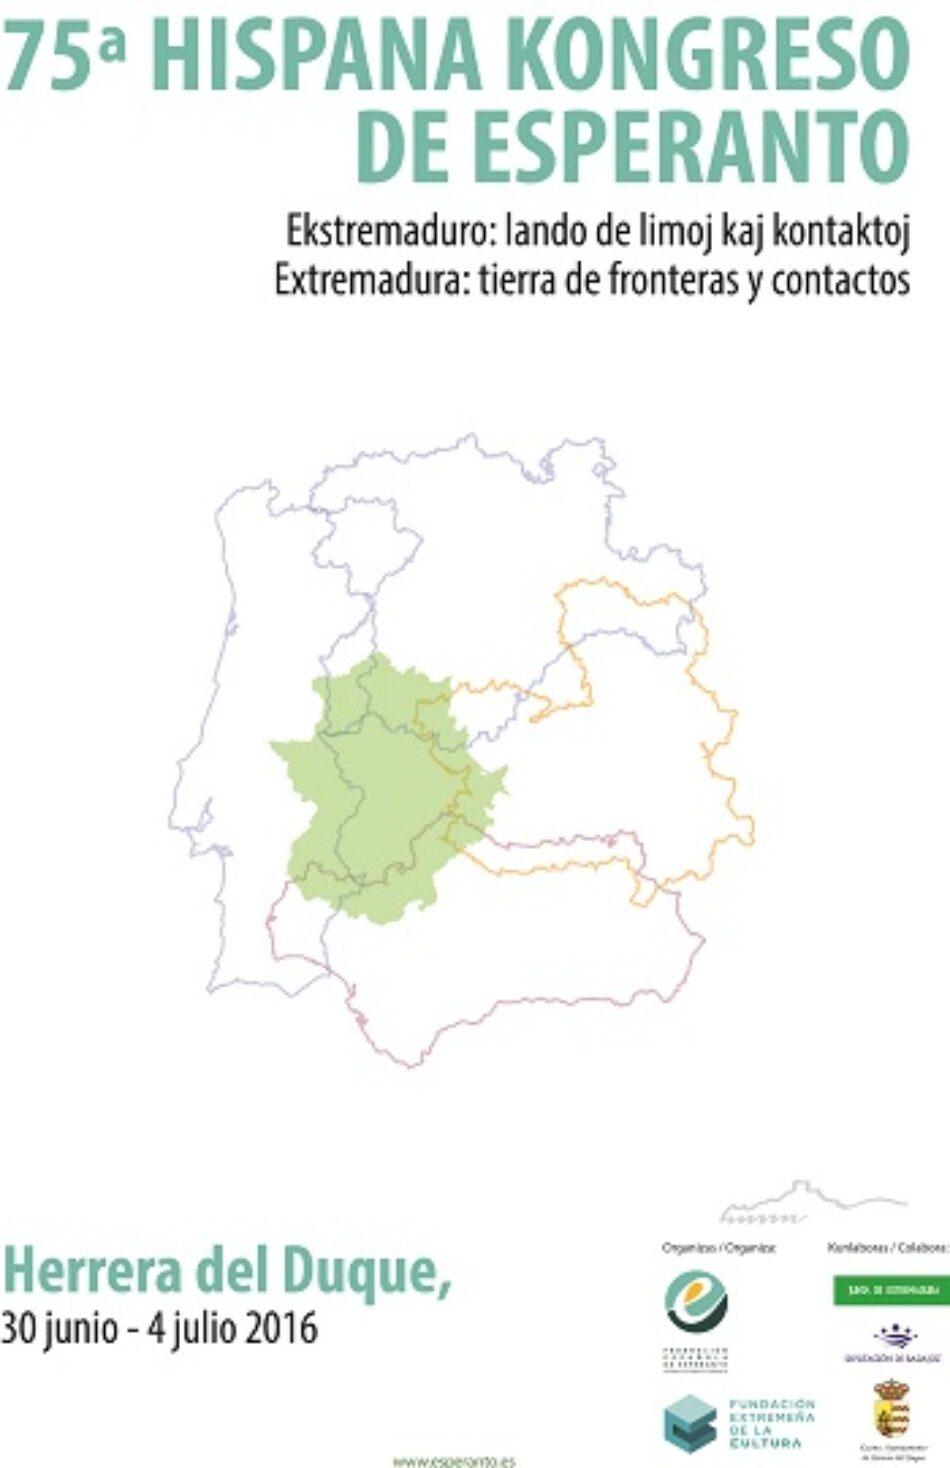 El Congreso Español de Esperanto, por segunda vez en Extremadura